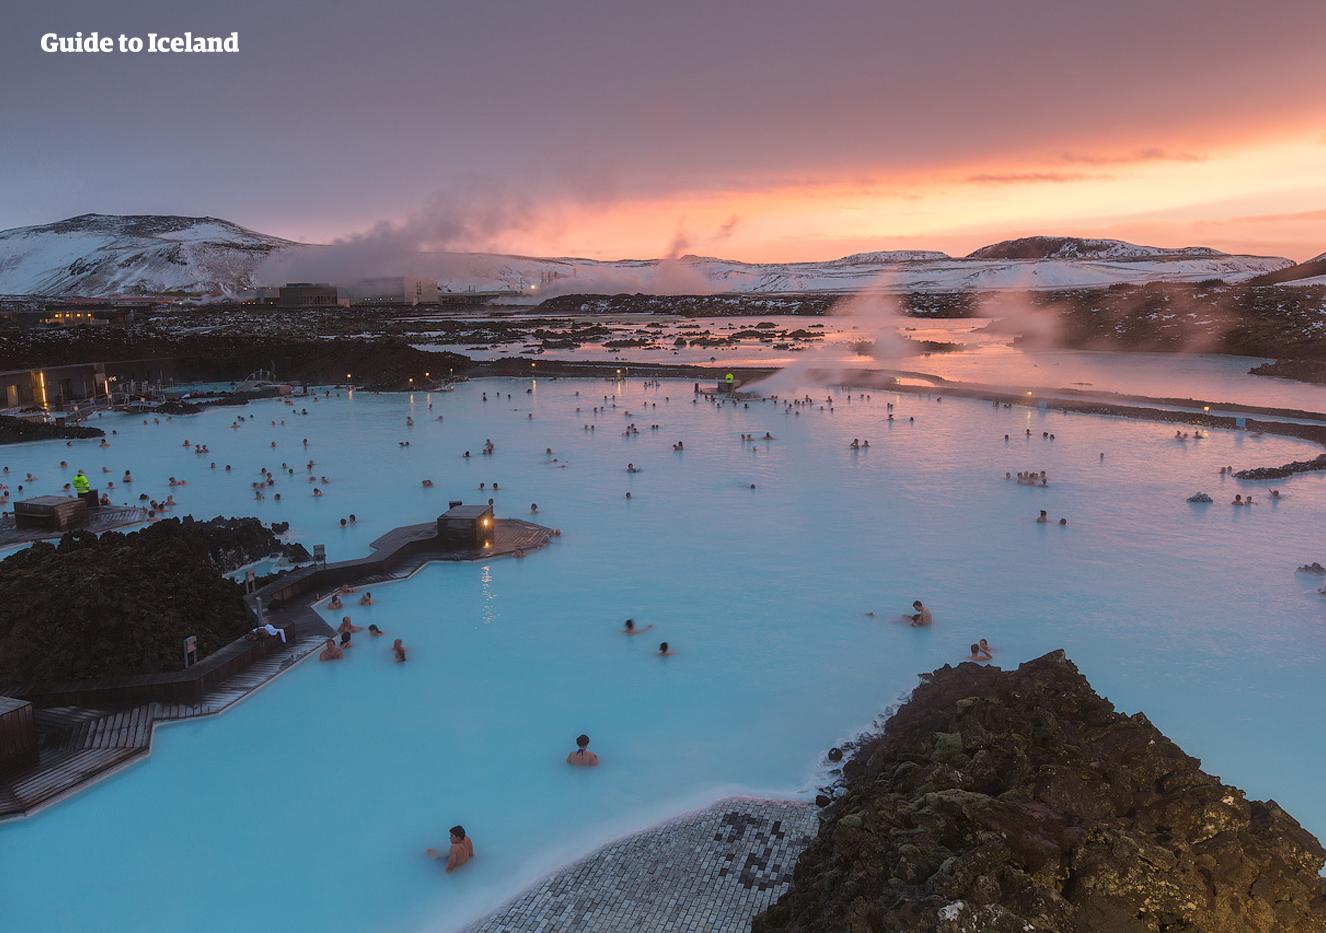 3-дневный тур «Транзитом по Исландии» | Релаксация в северных широтах - day 3